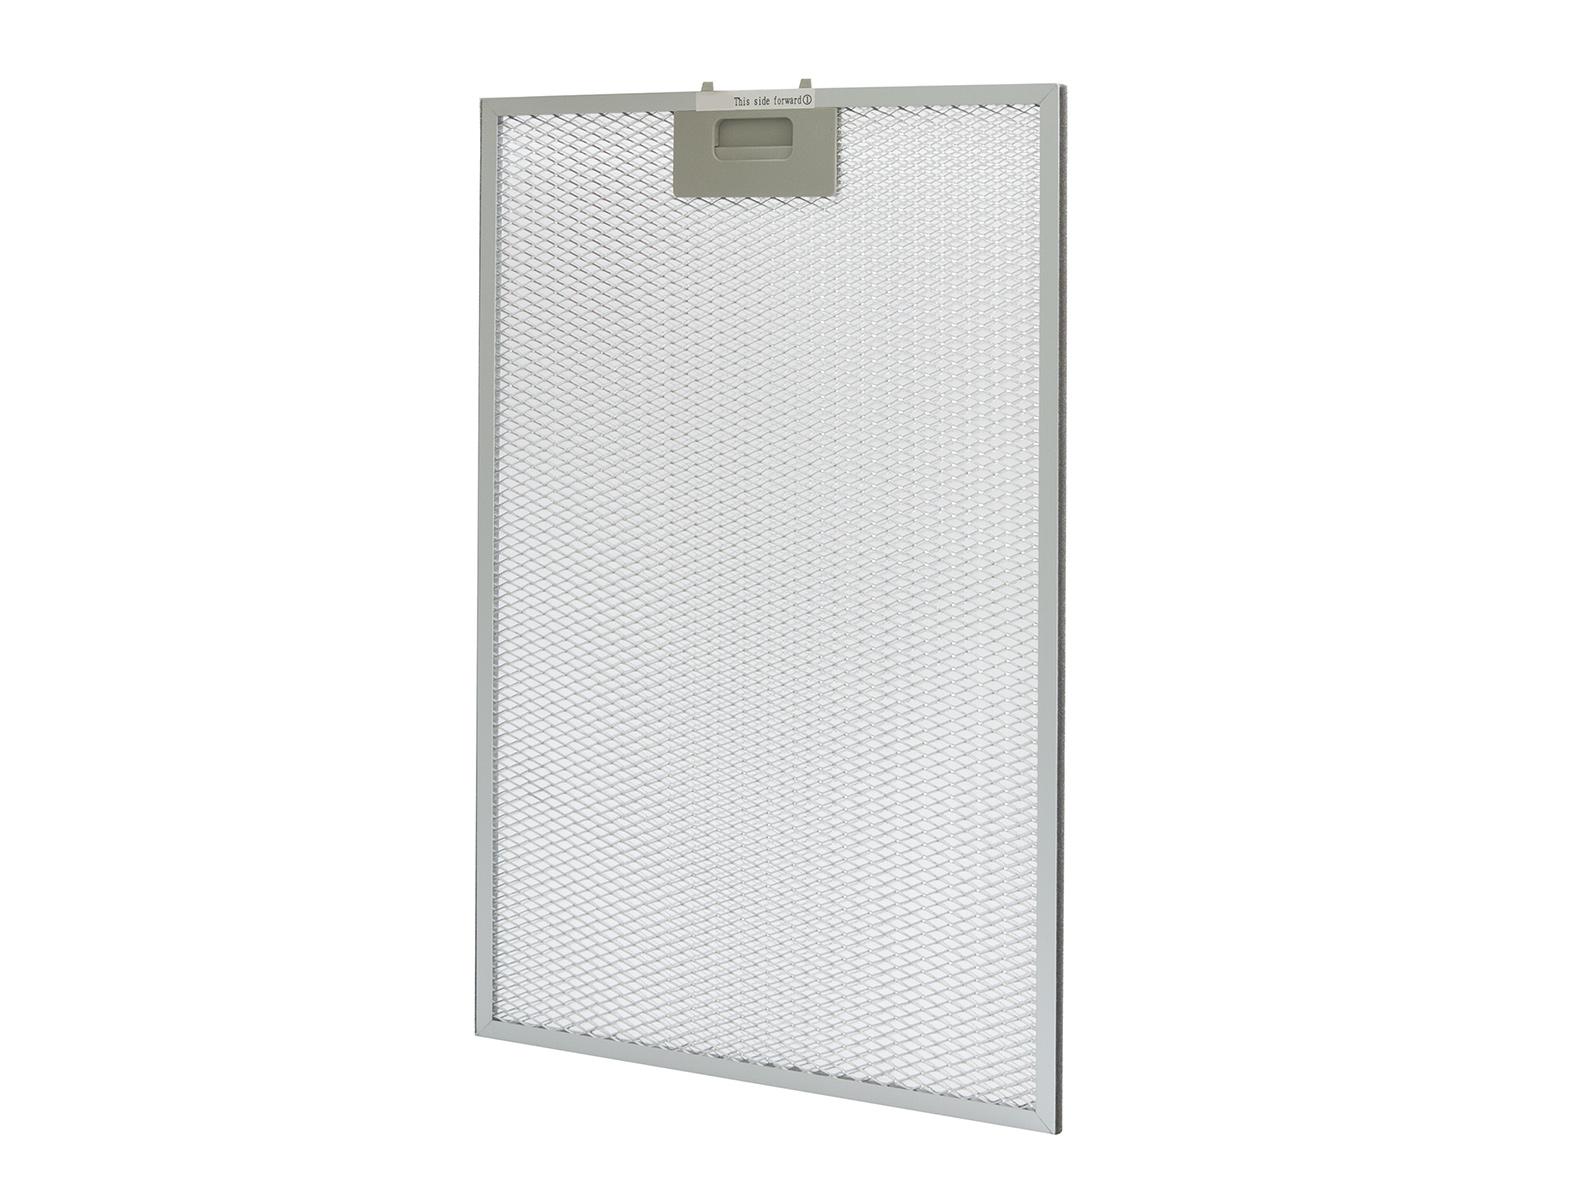 Filtr R-9600F1 pro čističku vzduchu Rohnson R-9600